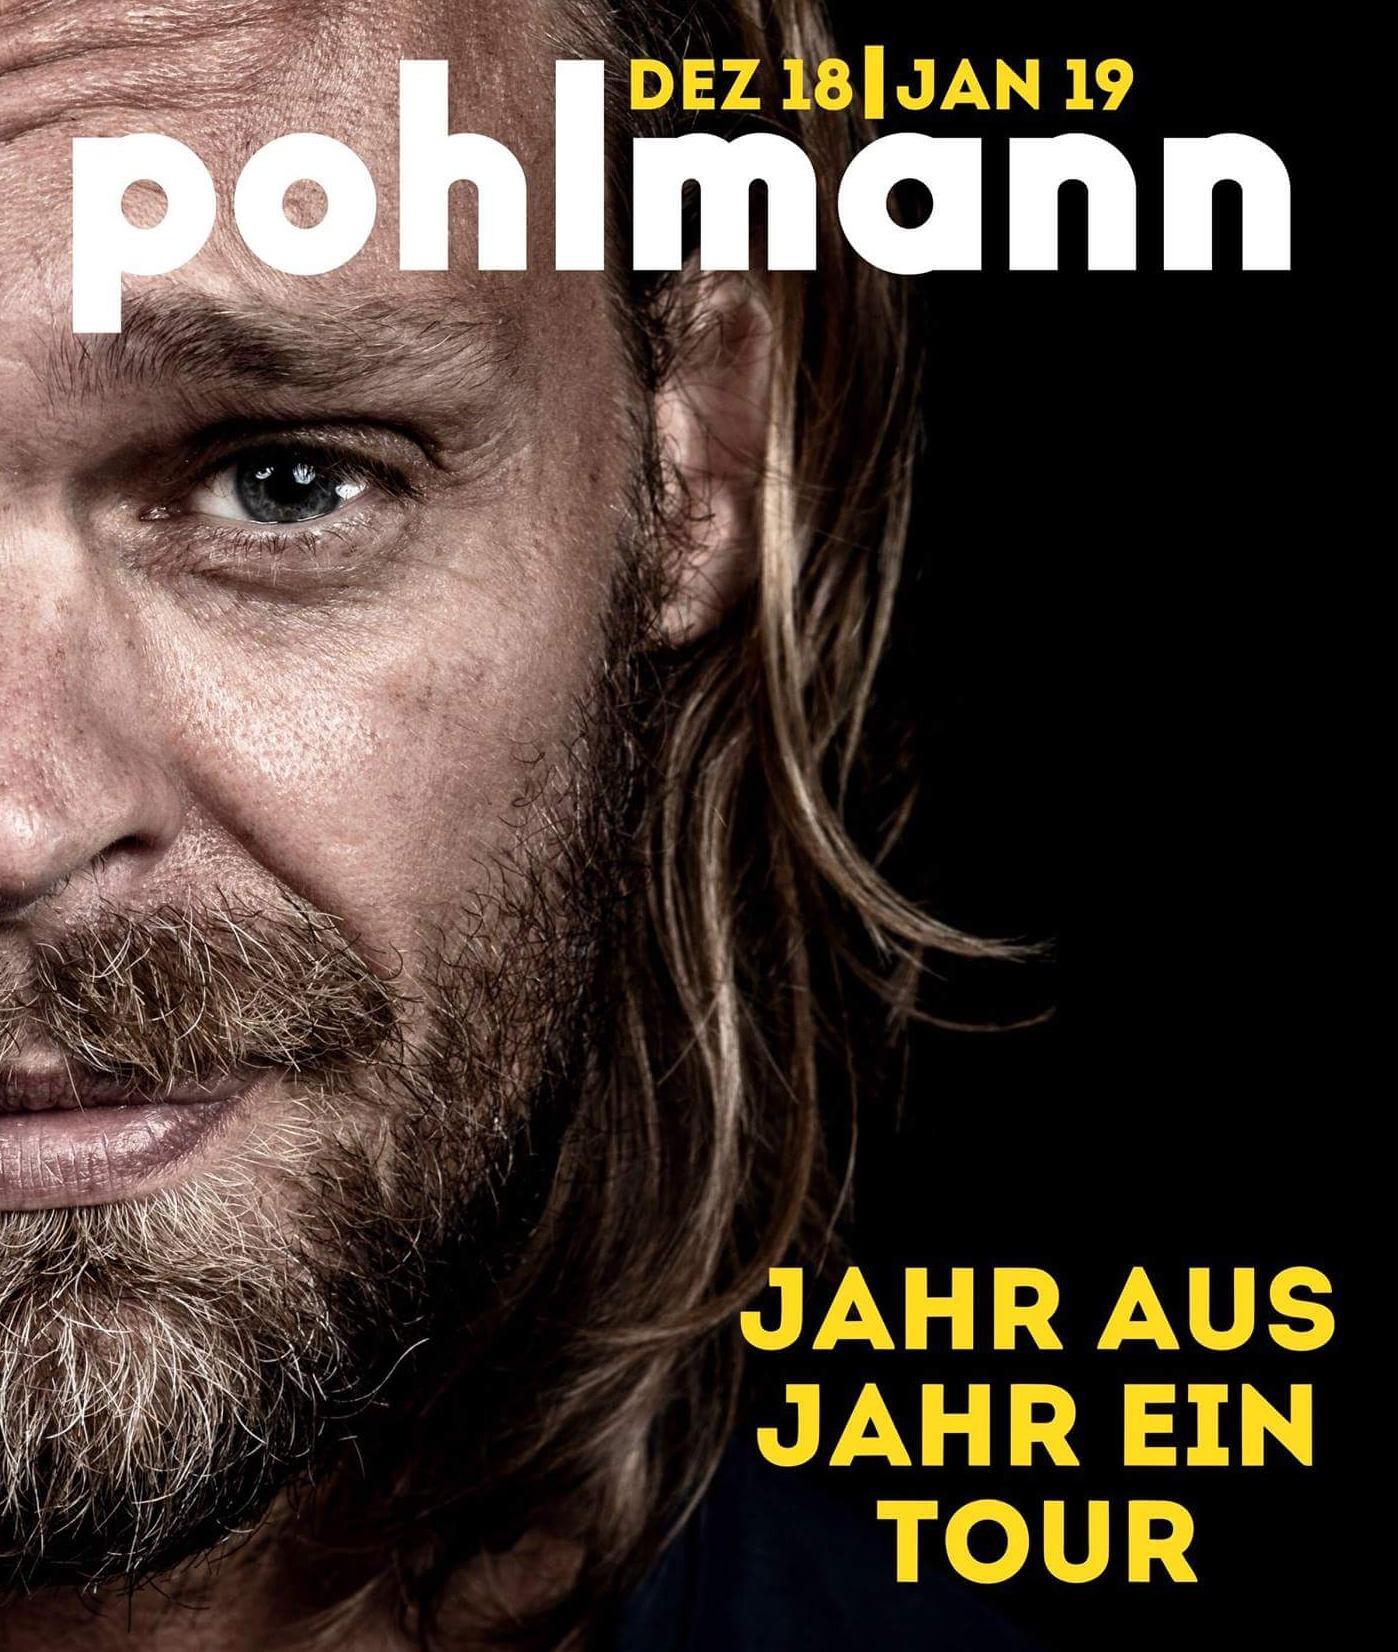 """Pohlmann Tour """"Jahr aus Jahr ein"""" 2018/19"""